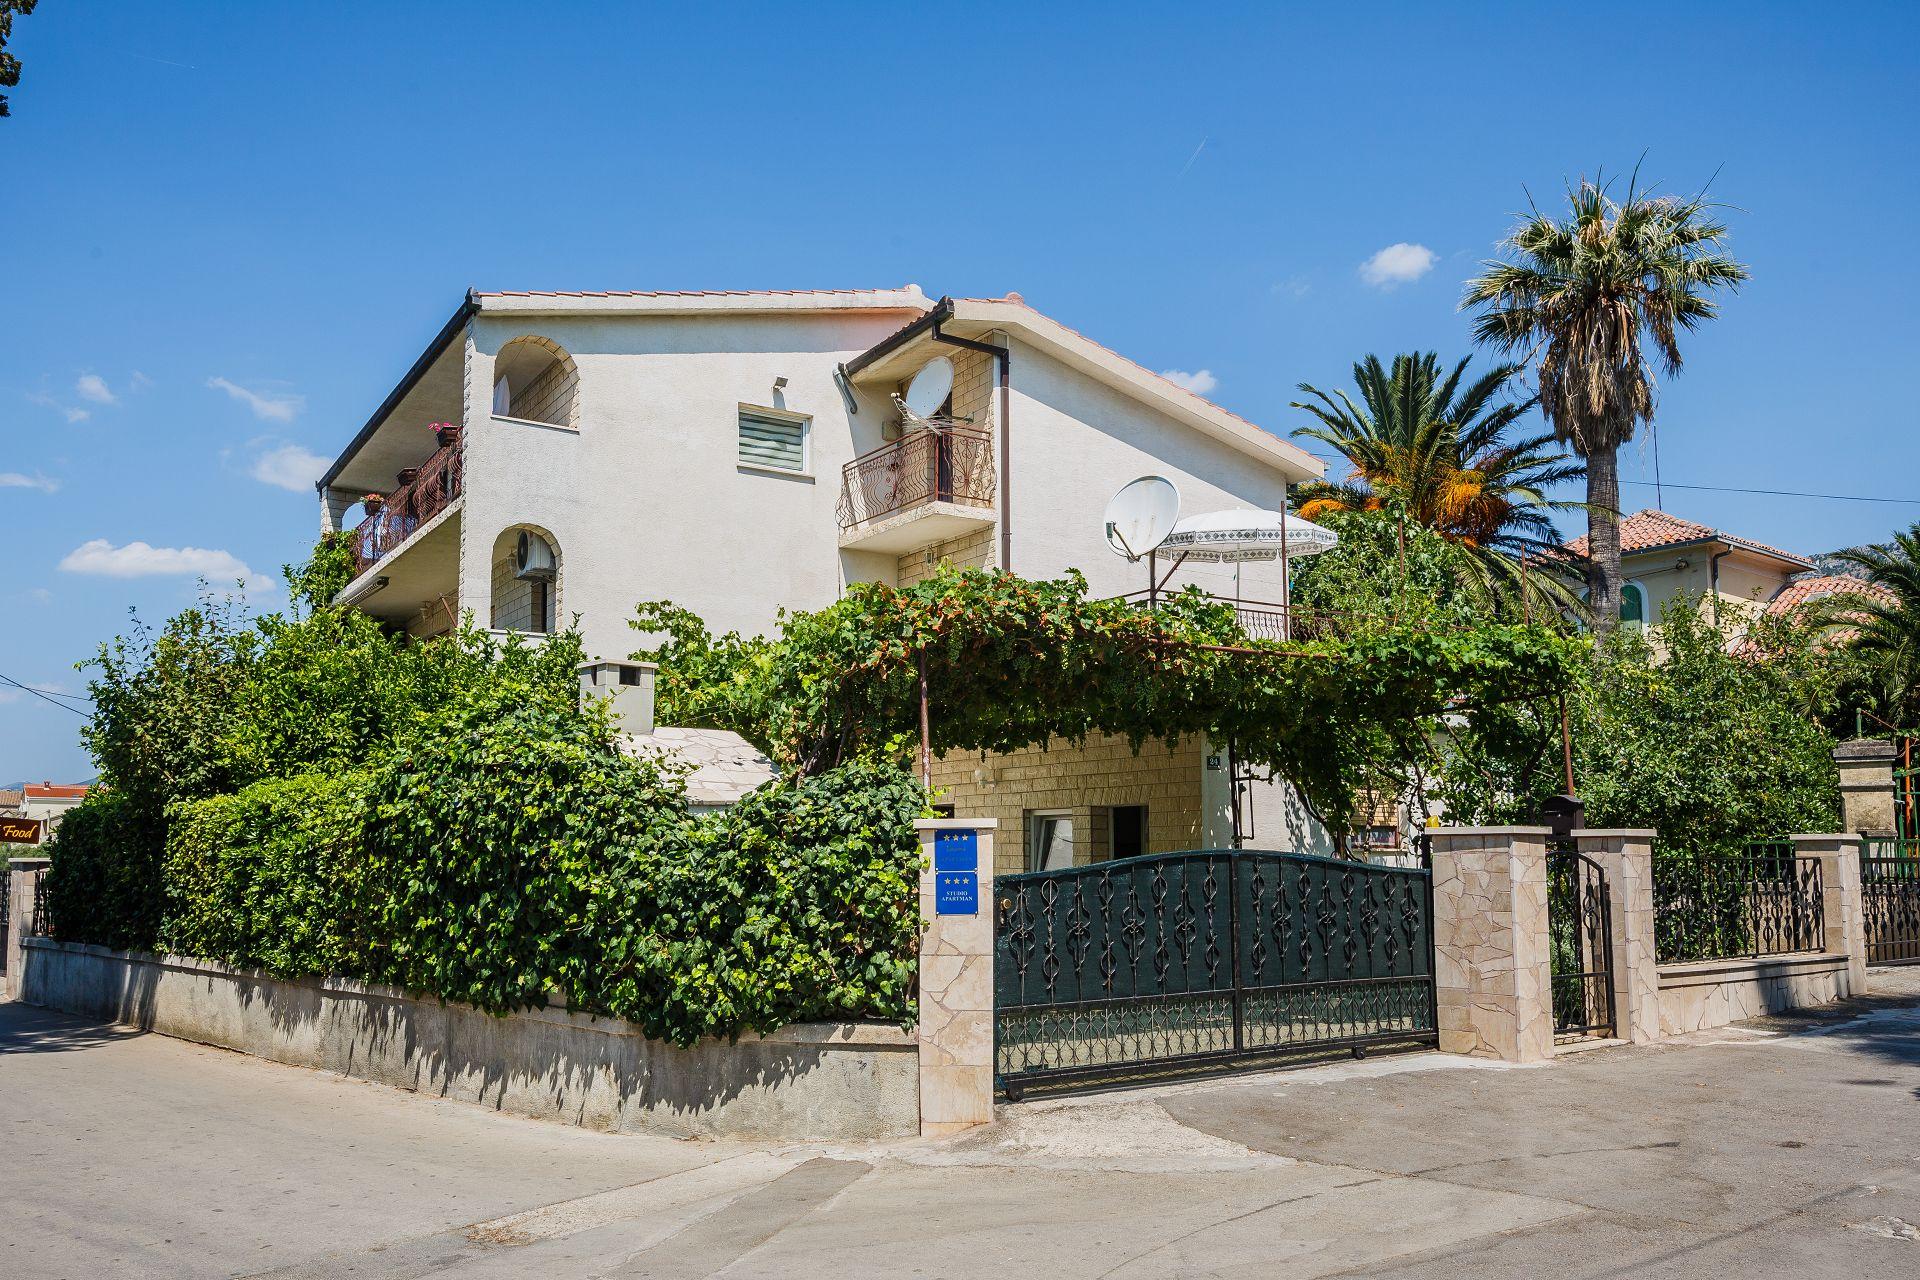 Tomo - Kastel Kambelovac - Appartamenti Croazia